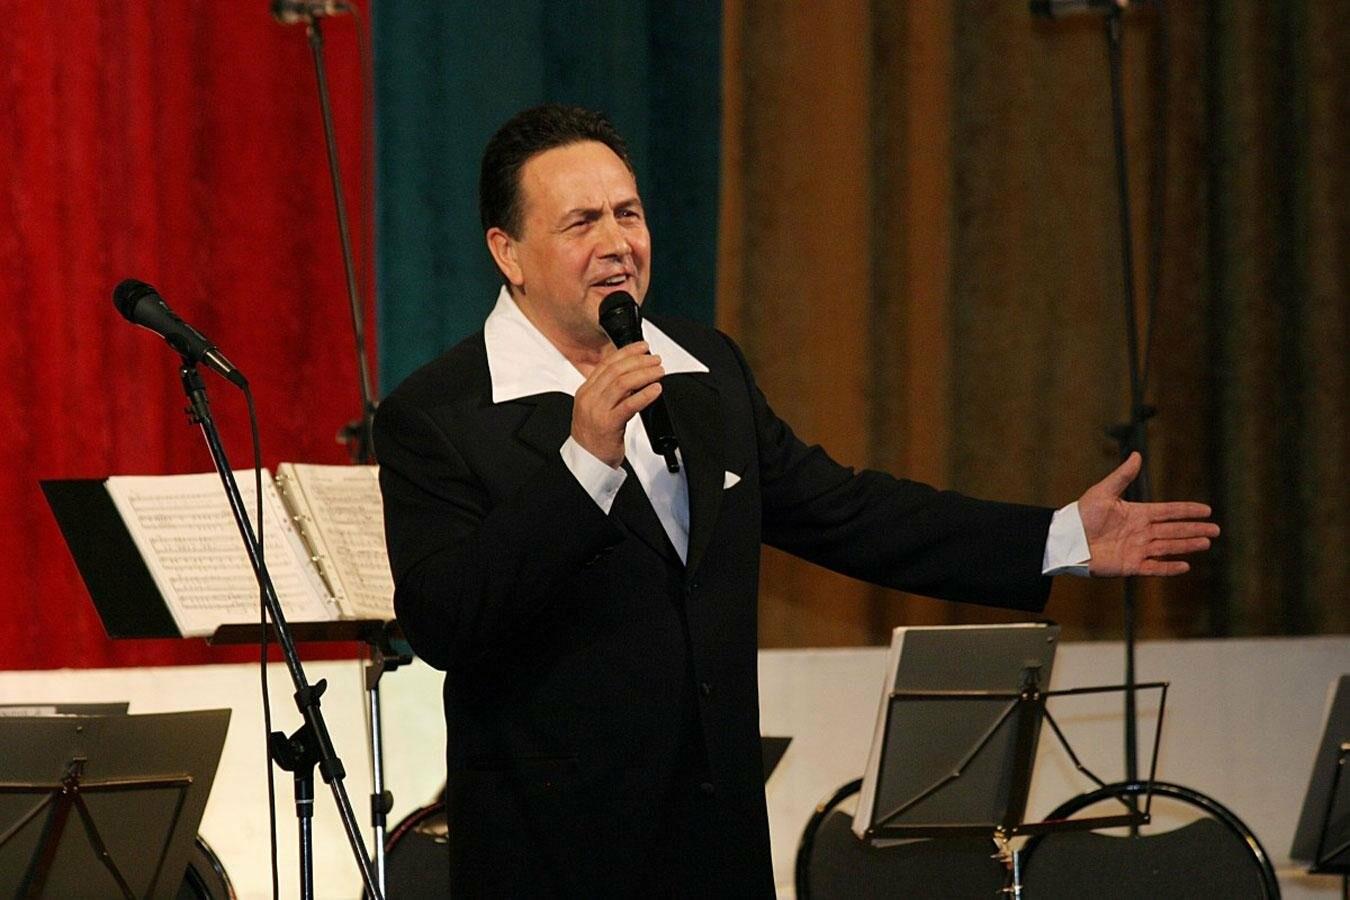 В Ялте ветеранов будет чествовать народный артист РСФСР Ринат Ибрагимов, фото-1